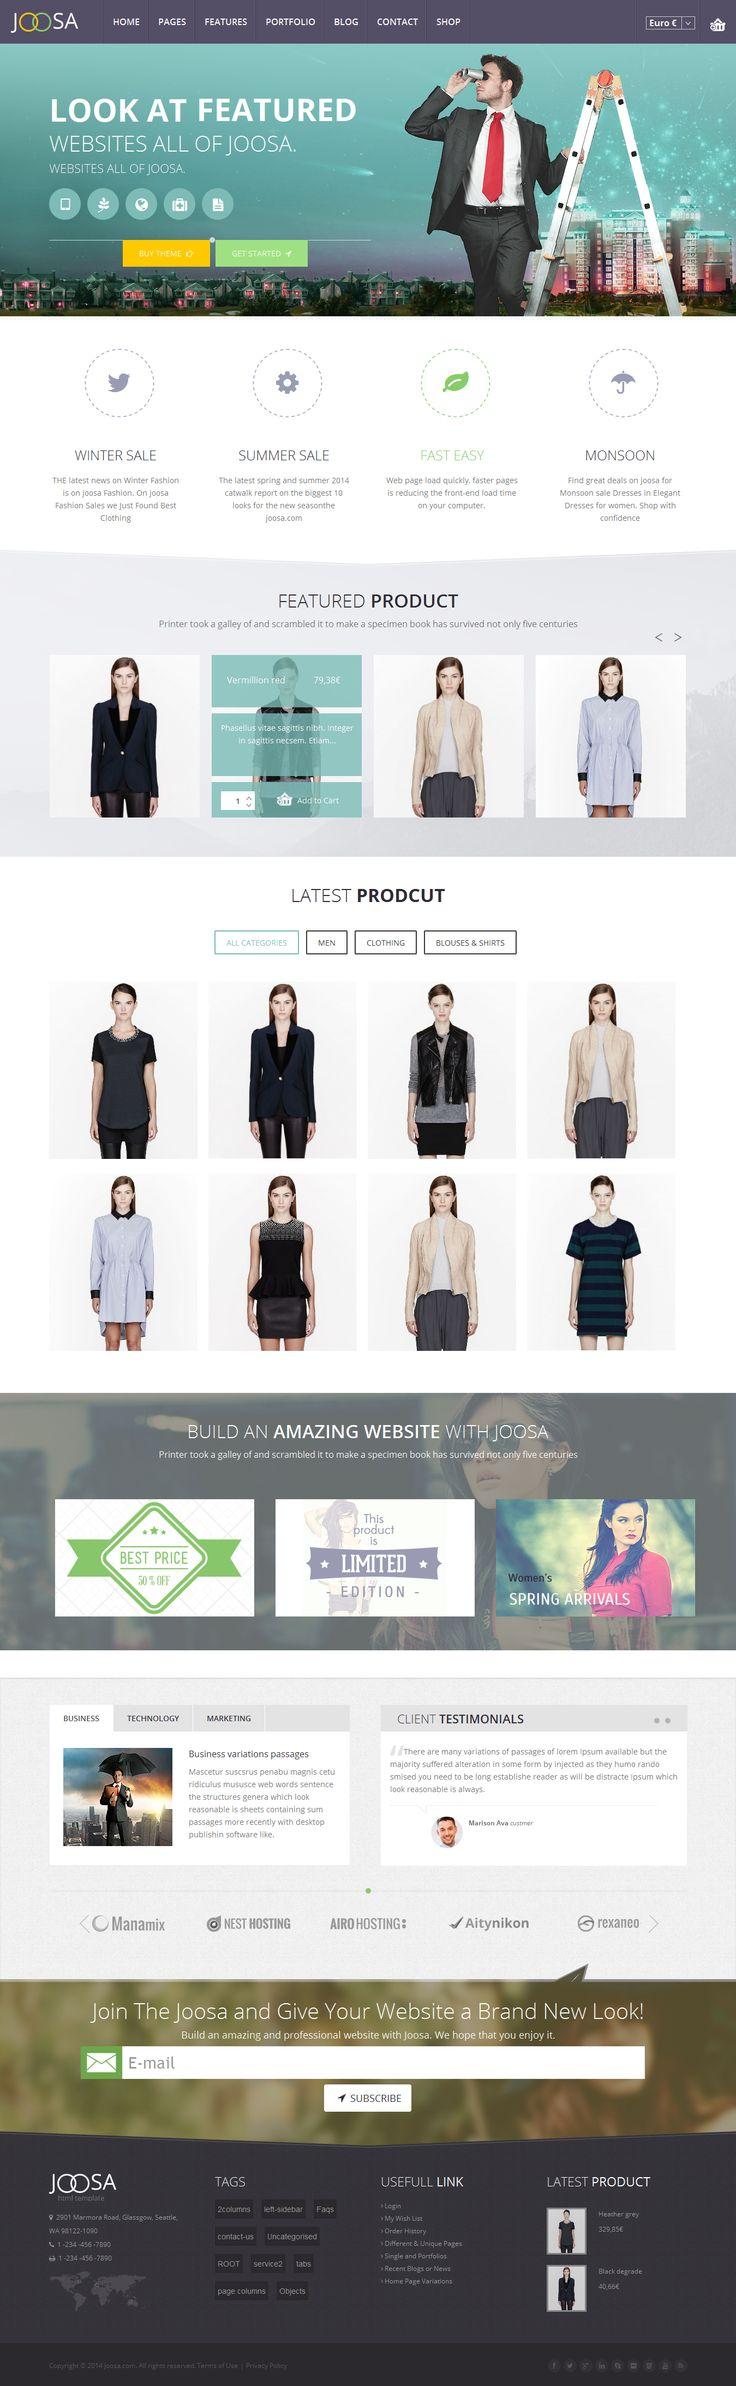 Joomla tshirt design - Joosa Responsive Ultimate Joomla Theme